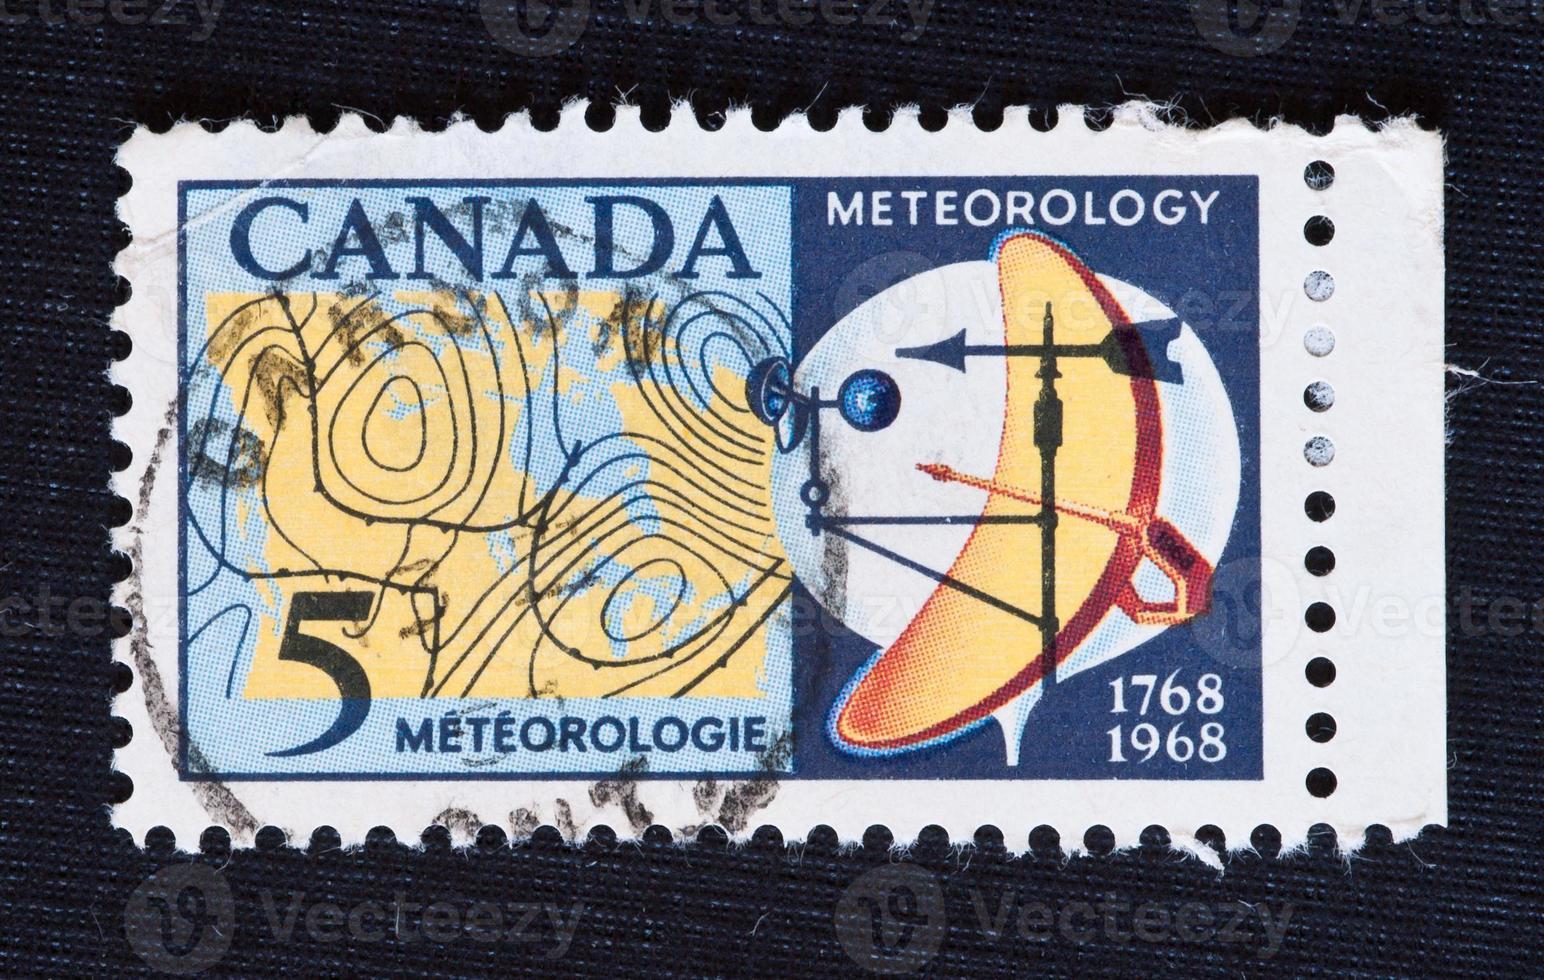 Kanada Meteorologie foto